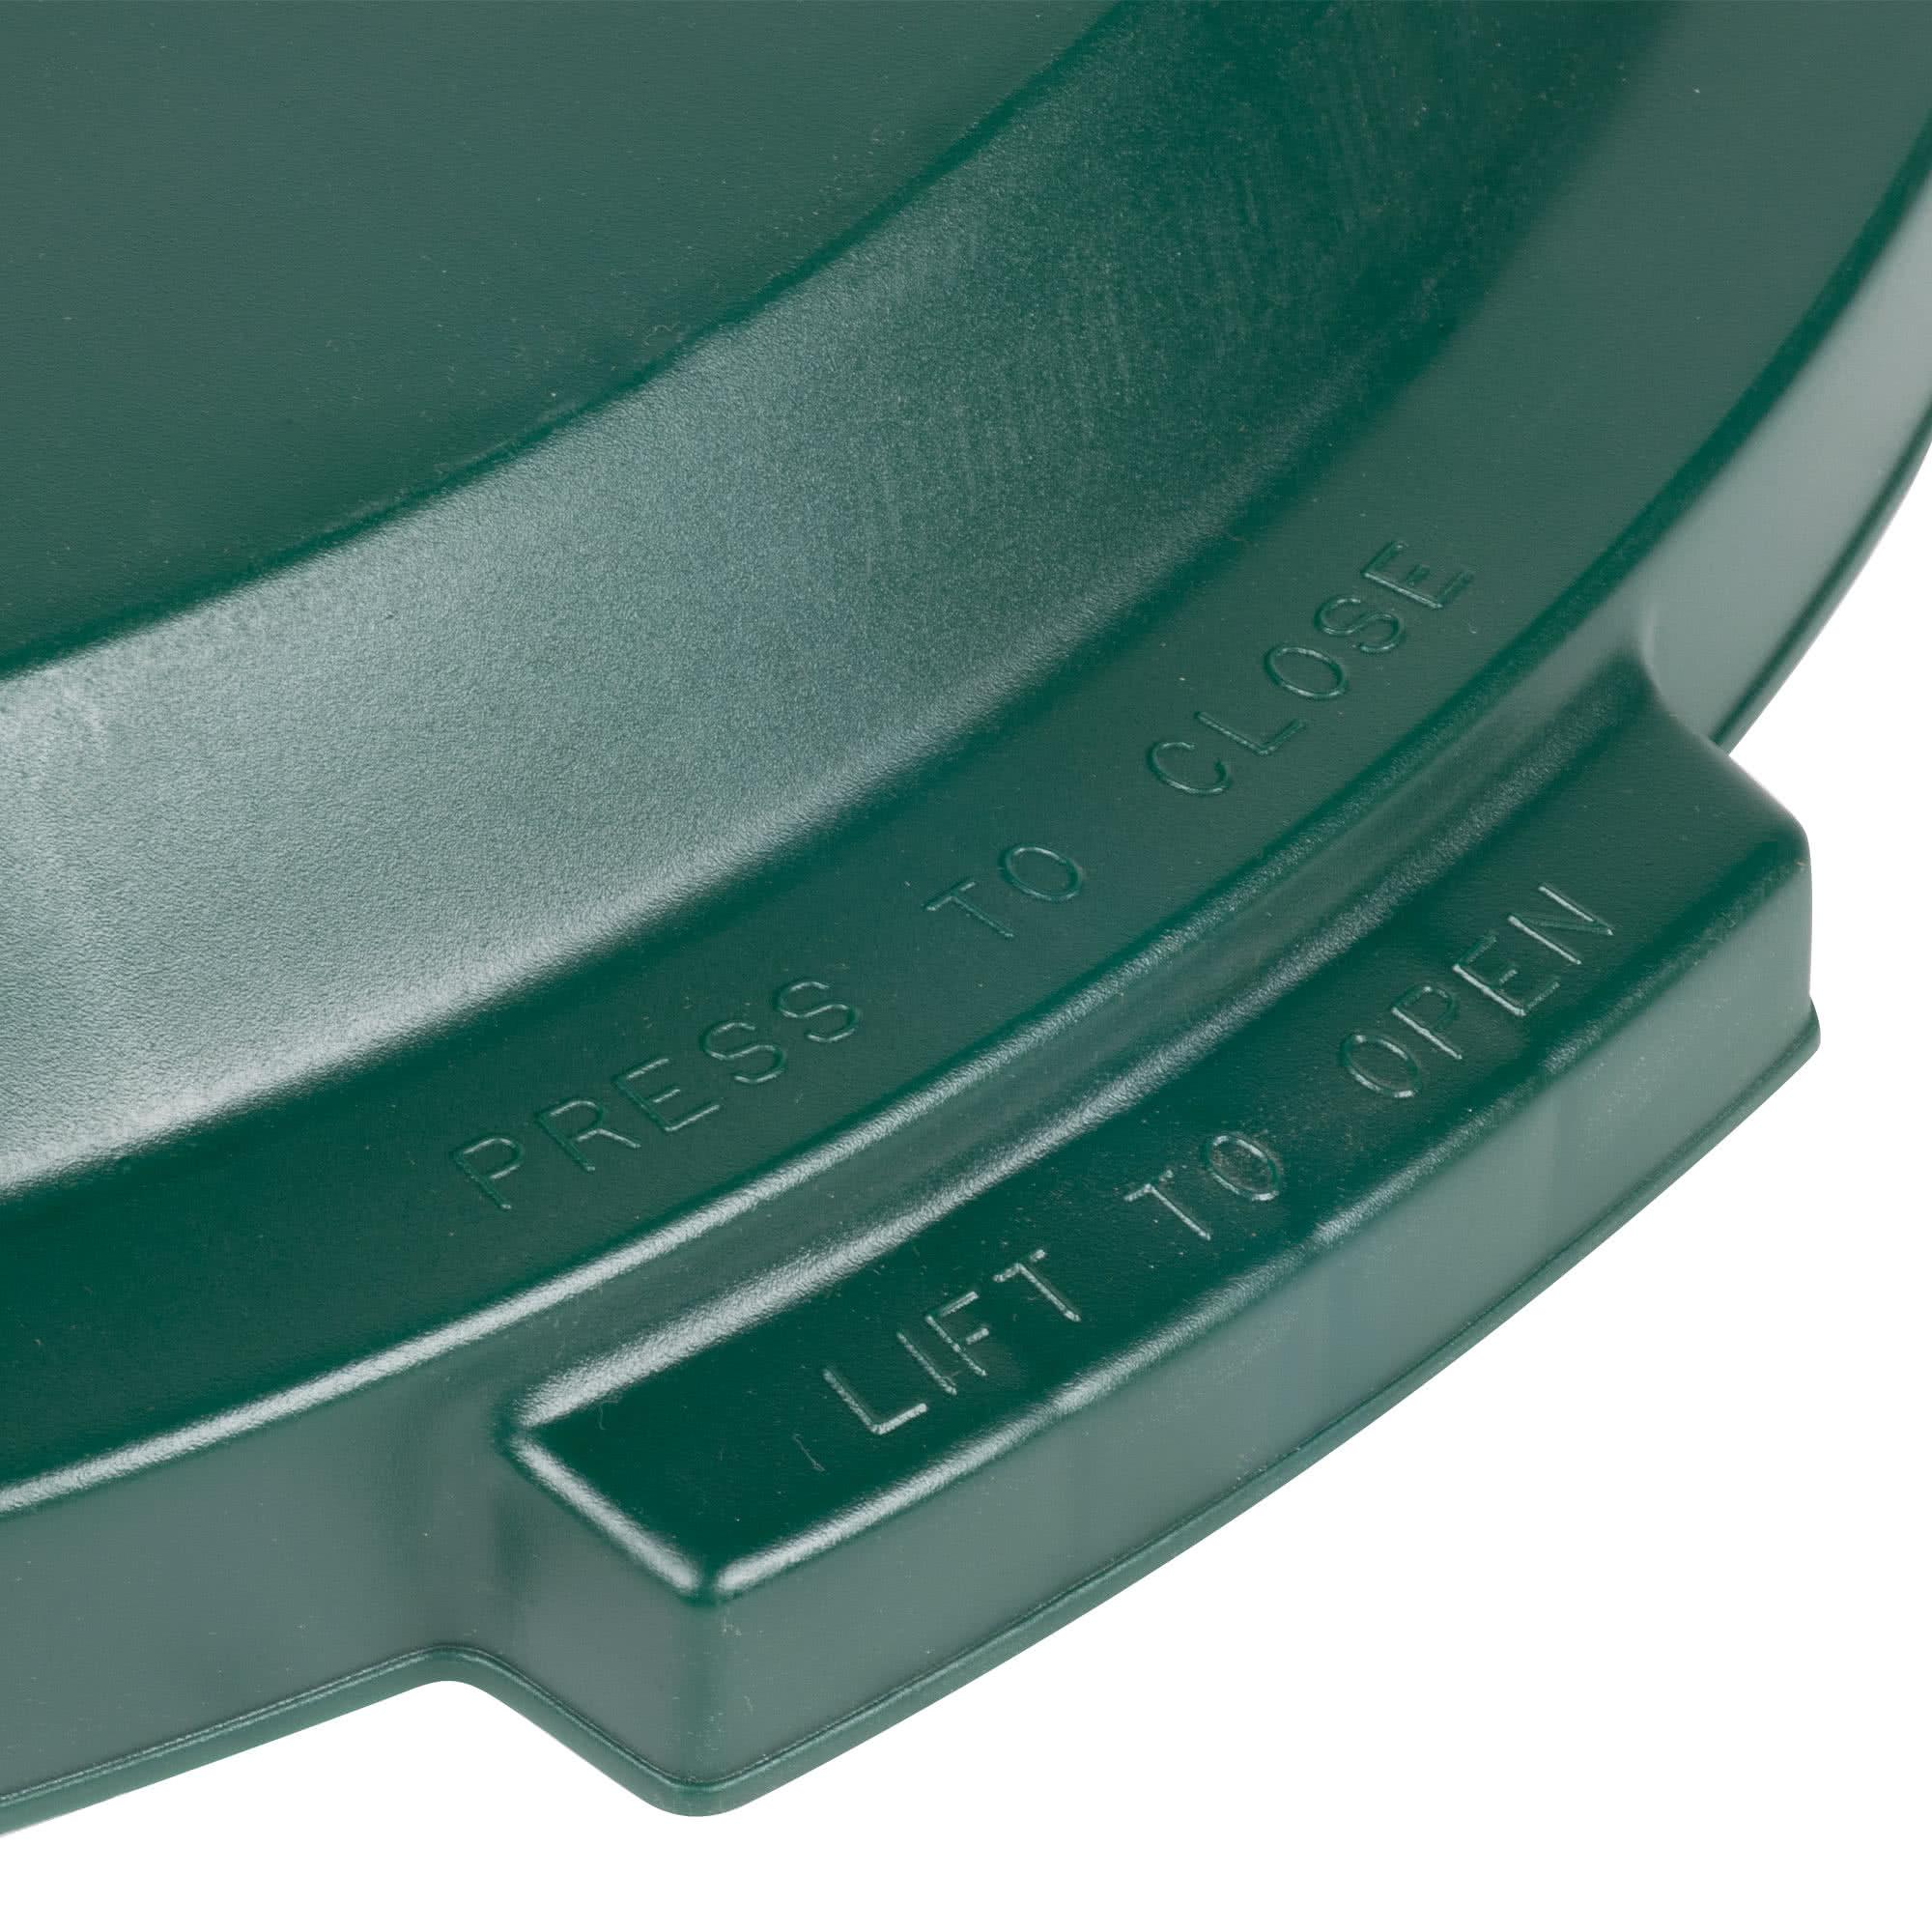 Rubbermaid 1788379 tapa Brute color verde para reciclaje de papel, aplica contenedor Brute de 32 galones      3